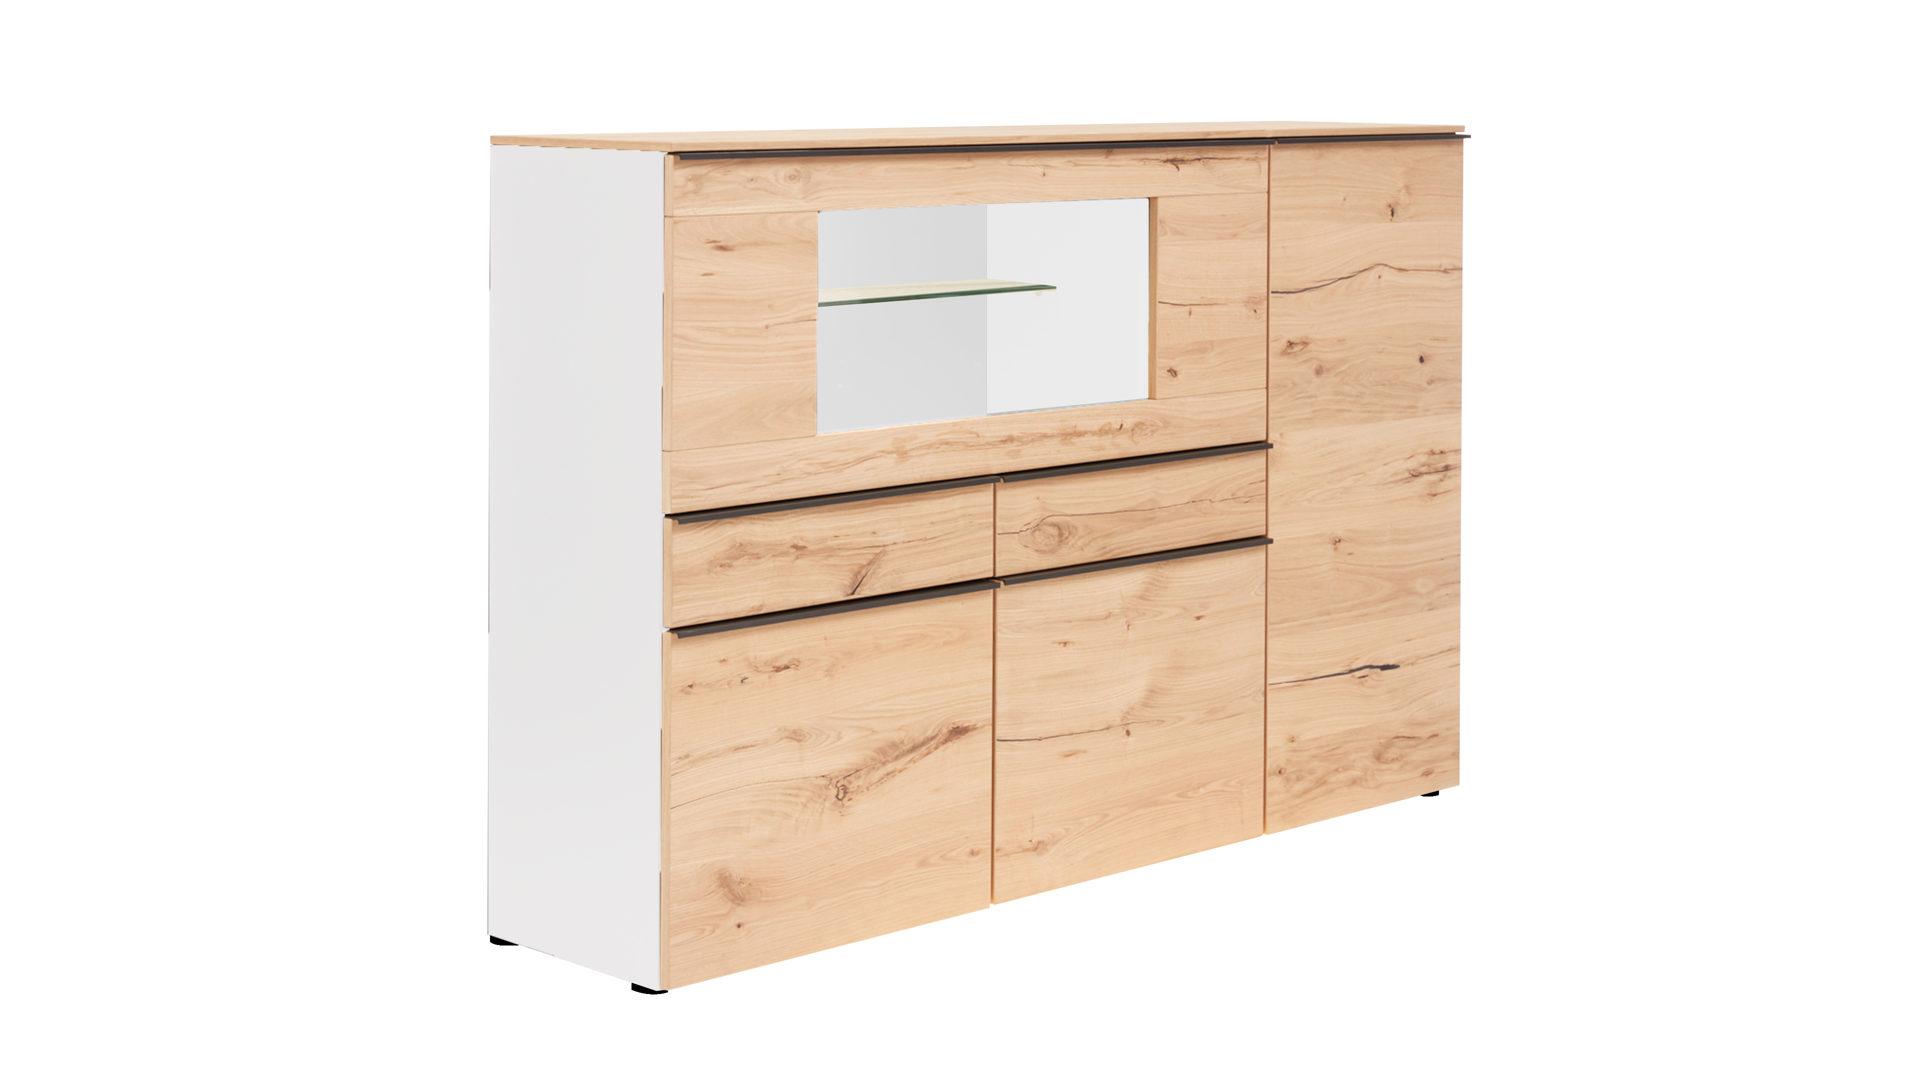 Interliving Wohnzimmer Serie 2103 Highboard Mattweisser Lack Asteiche